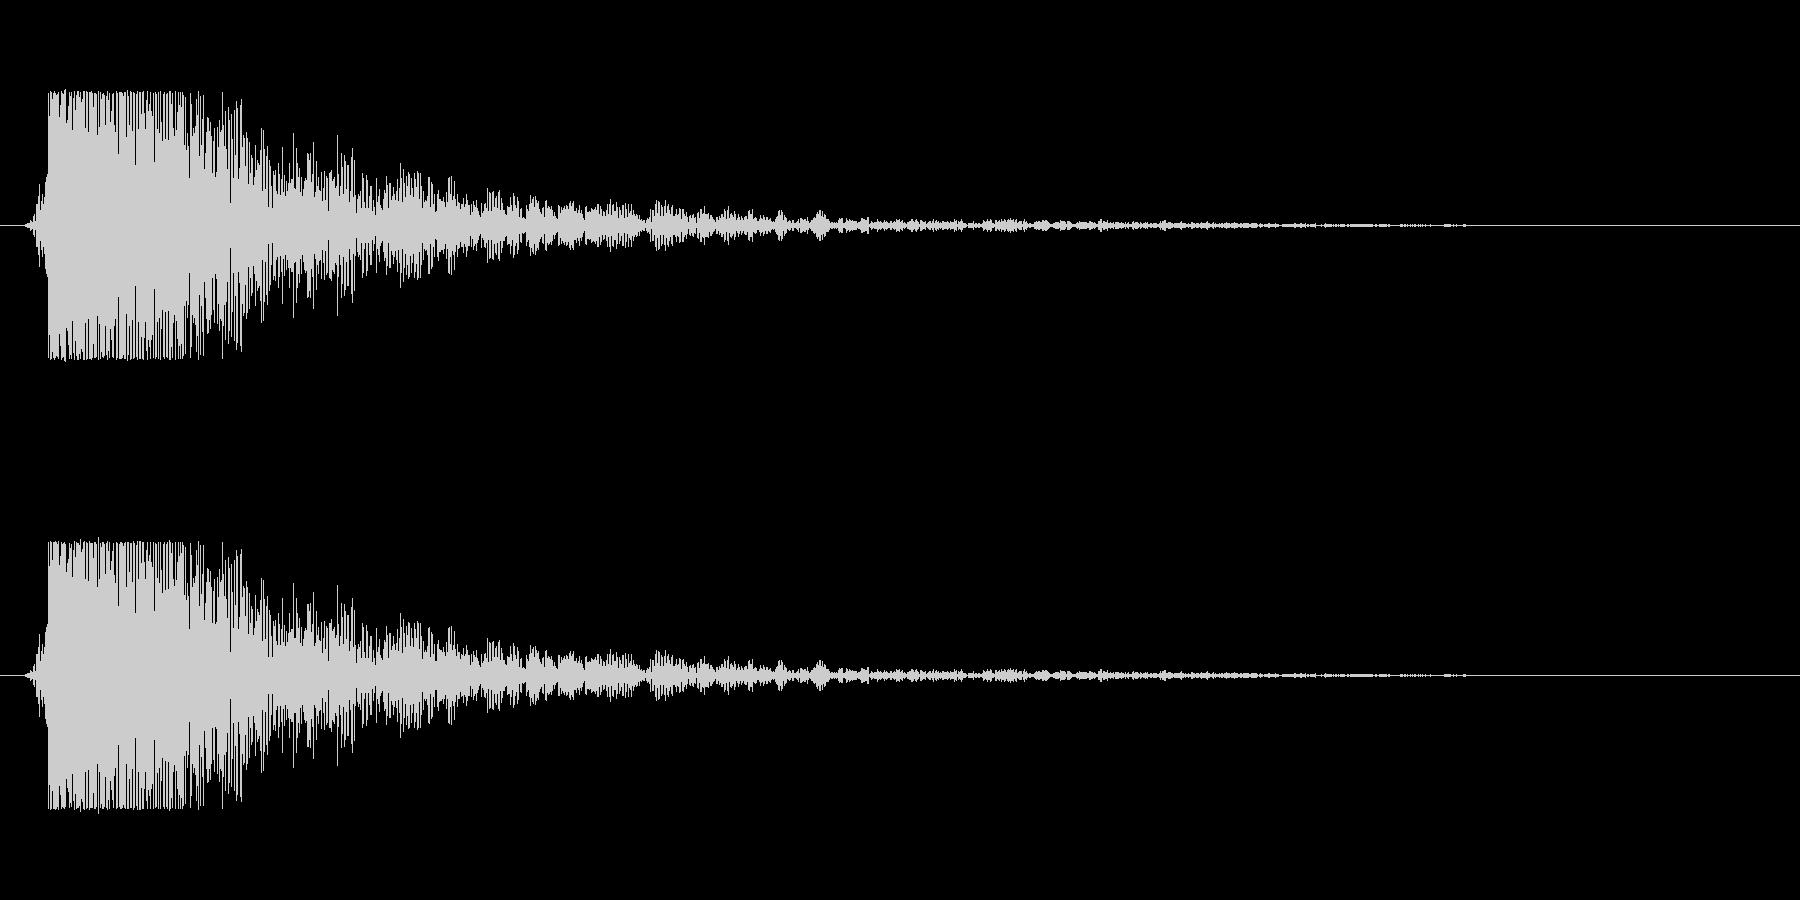 【大砲01-3】の未再生の波形